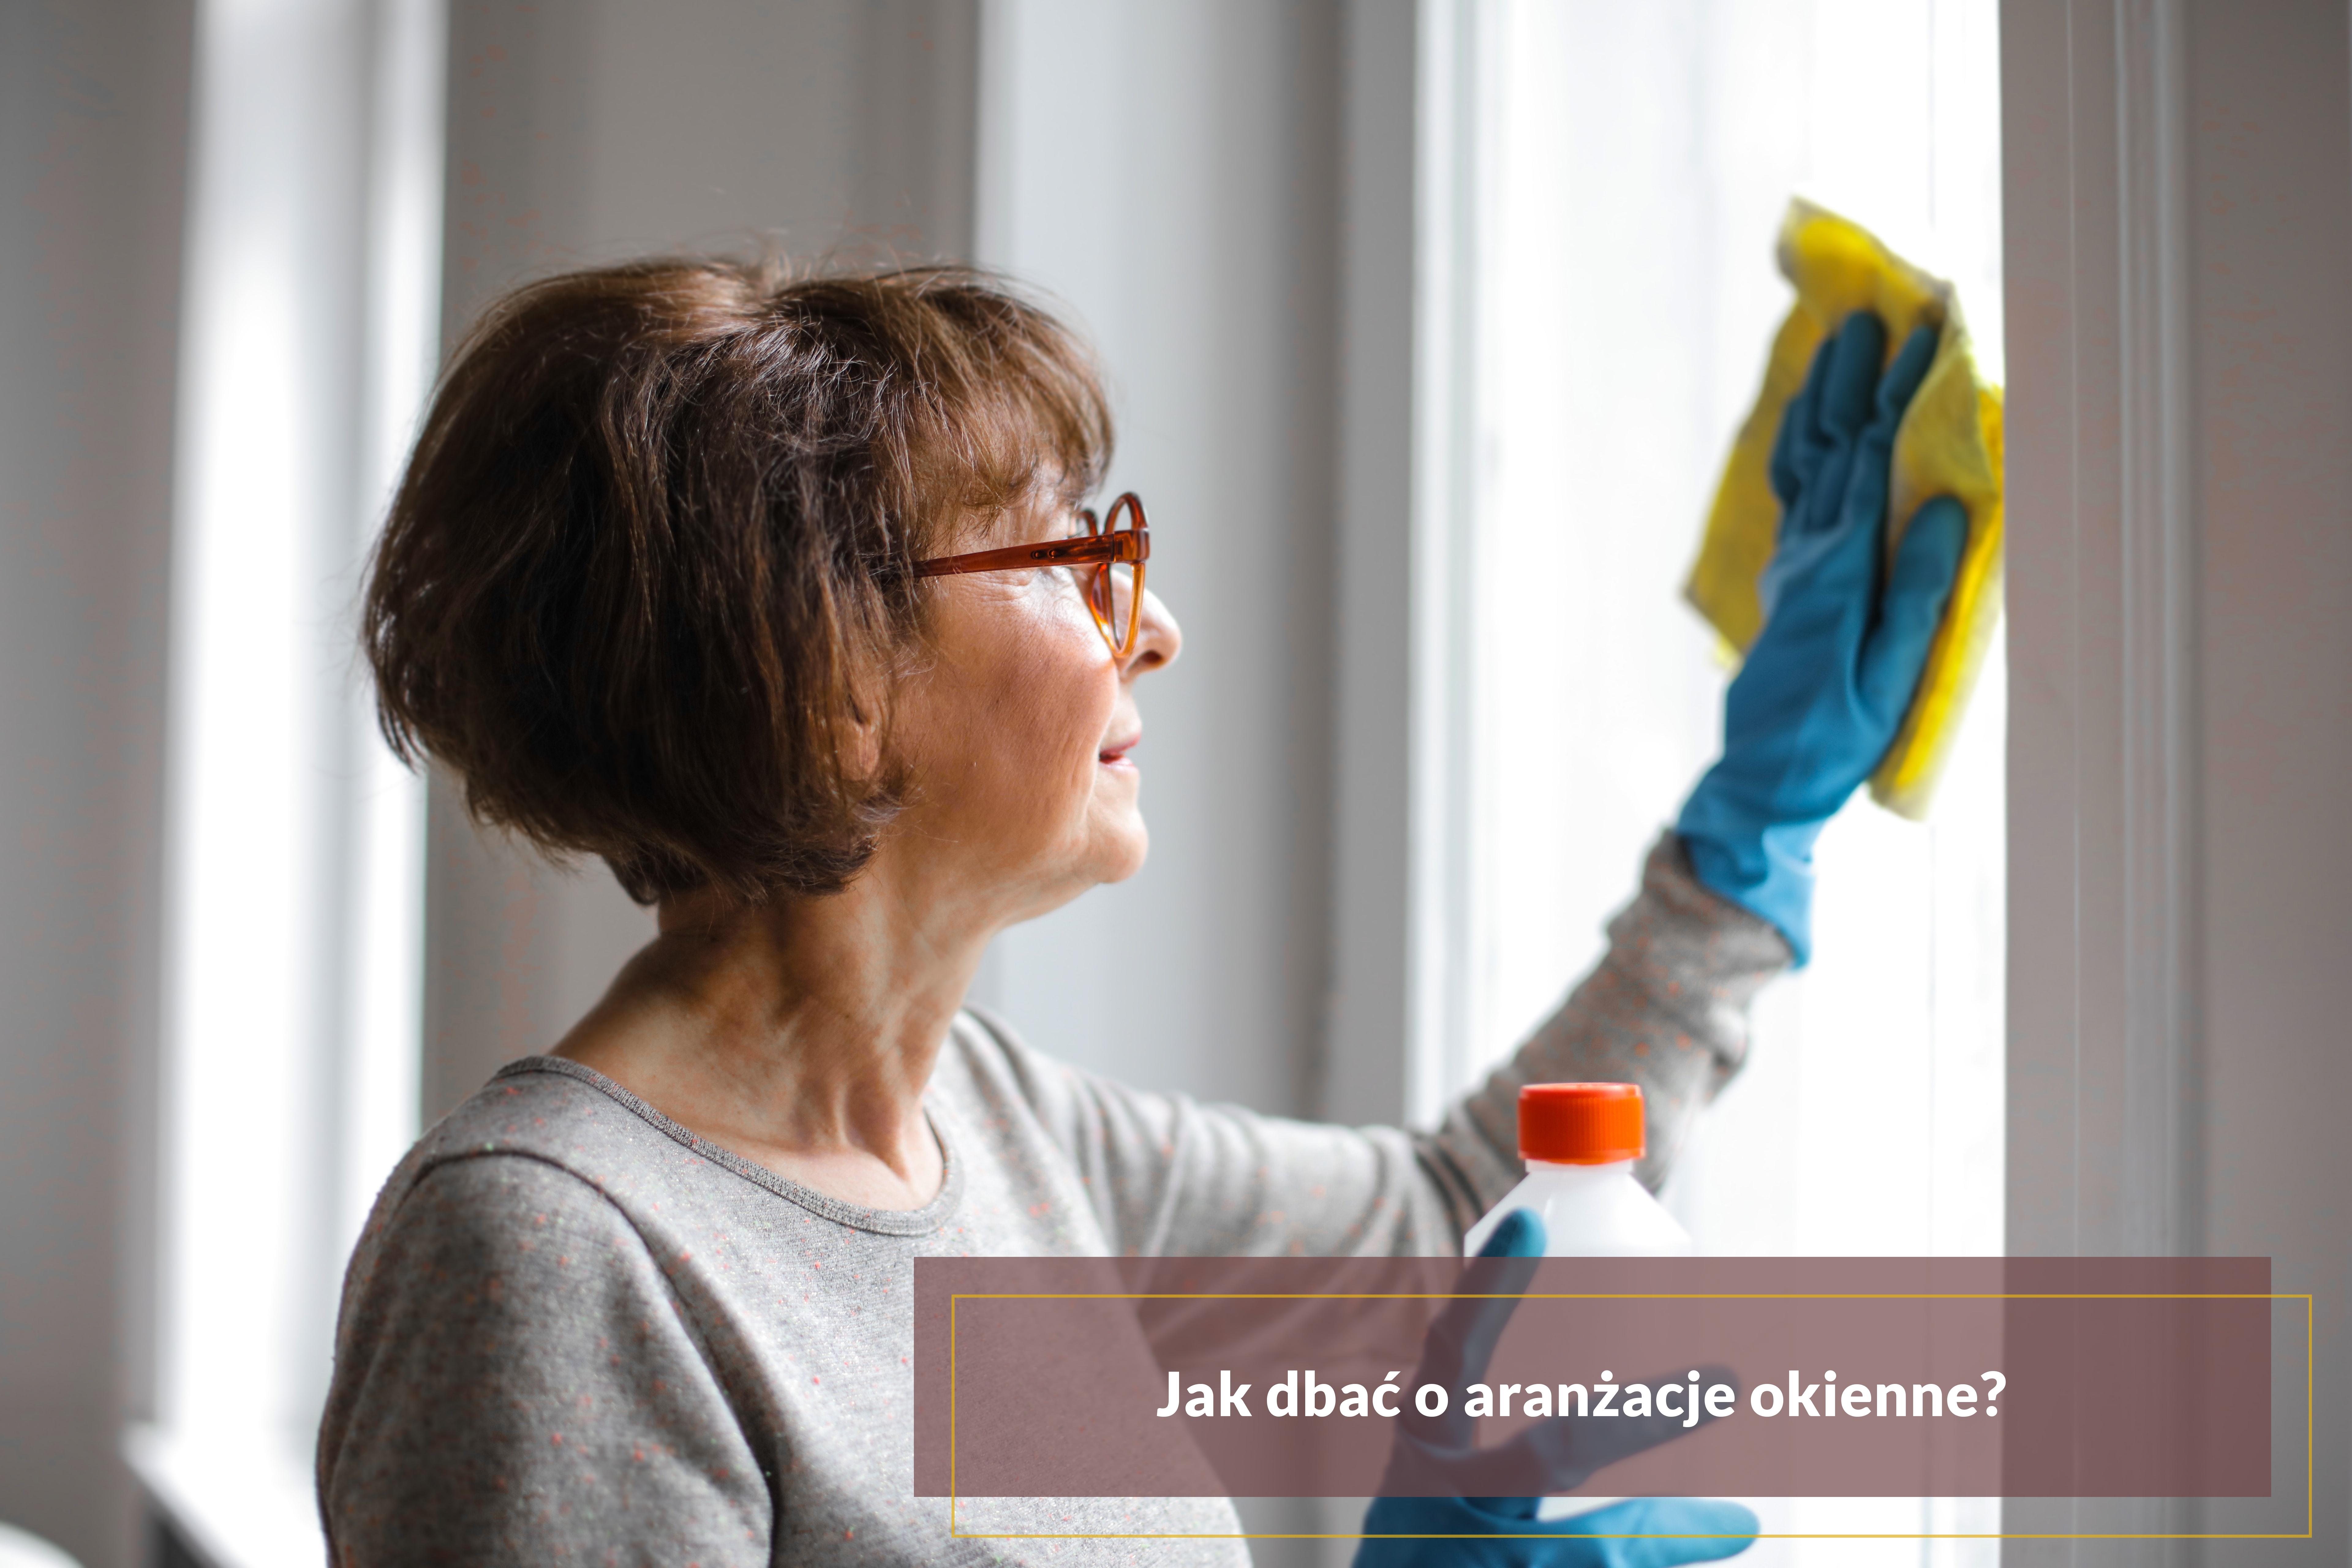 Jak dbać o aranżacje okienne?